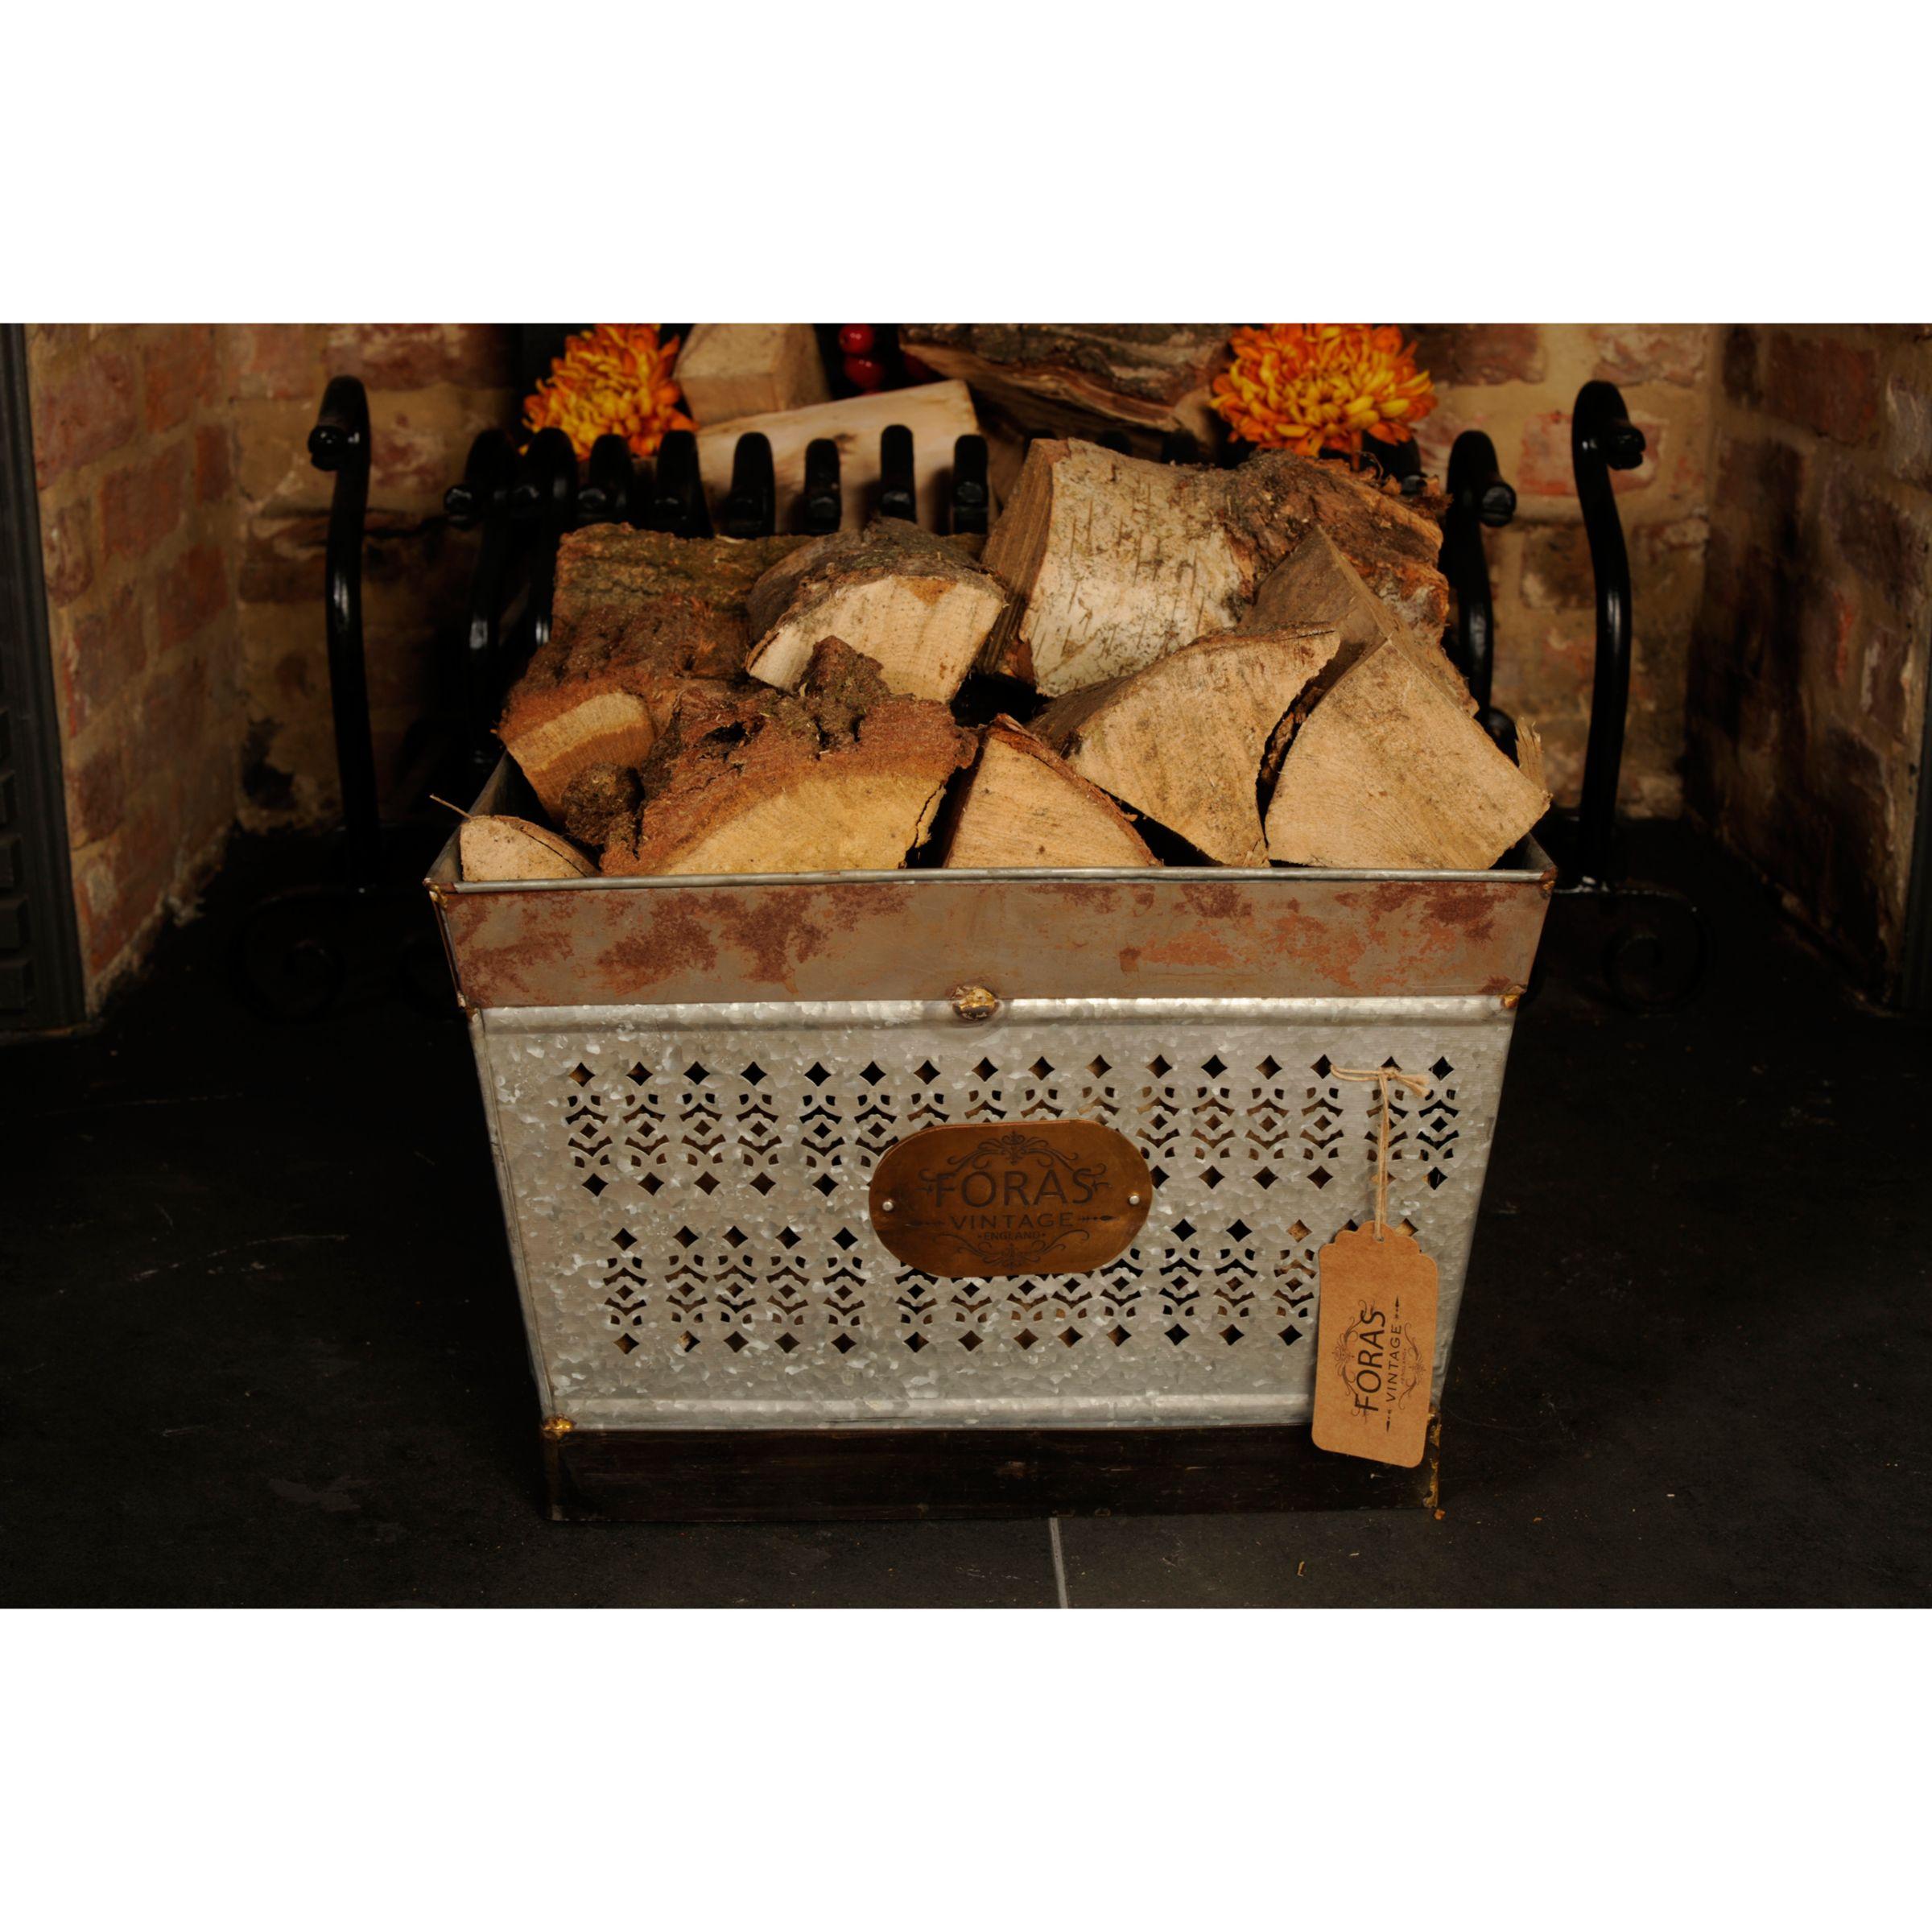 Foras Fincham Vintage Basket